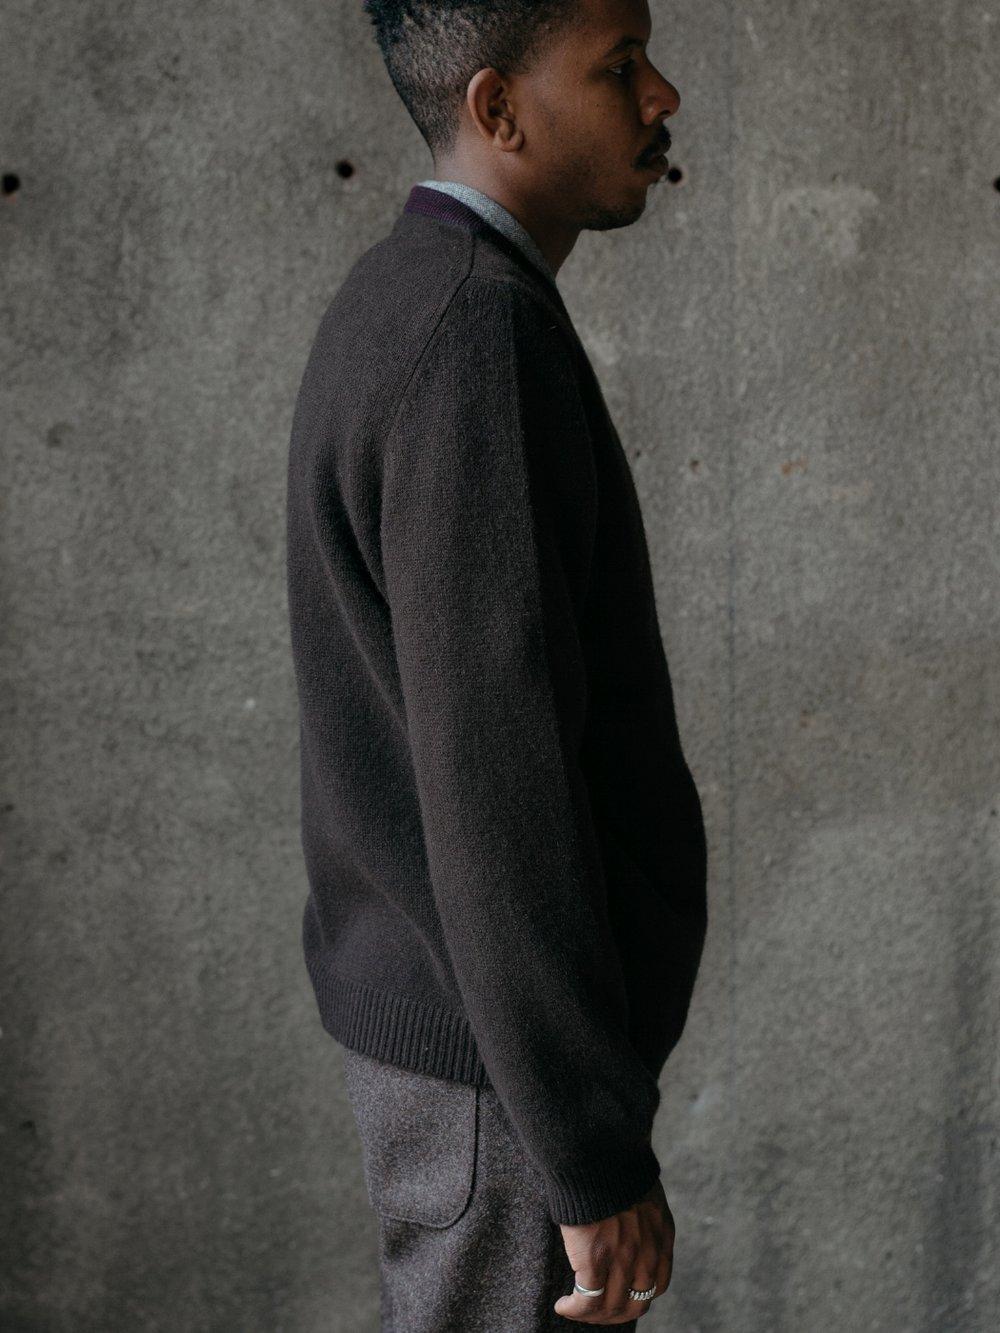 evan-kinori-stripe-collar-sweater-brown-cashmere-lambswool-fall-2017-2